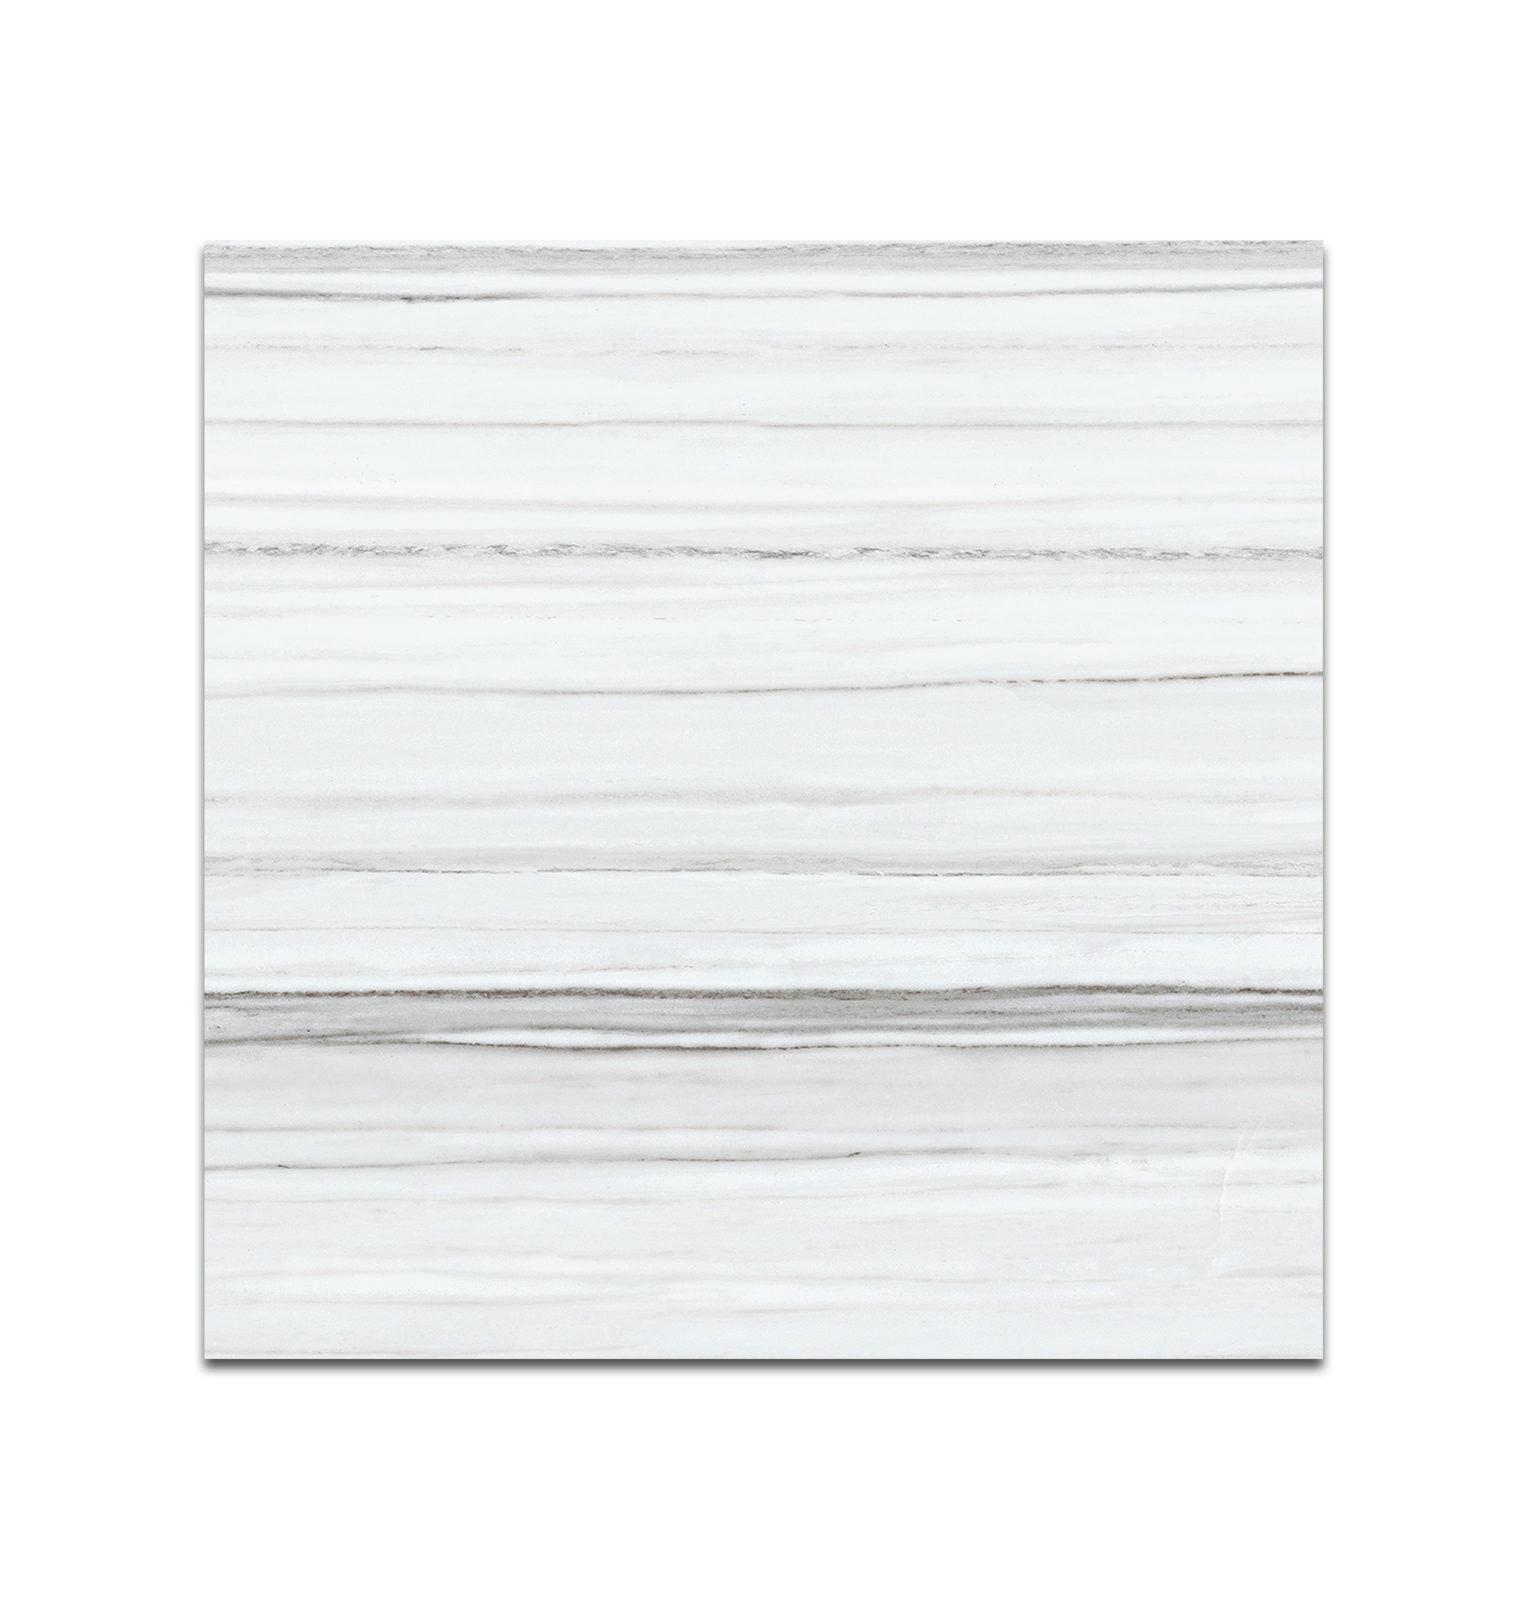 Interceramic Contour Zebrino Ceramic Tile X Schillings - 16 x 16 white ceramic floor tile